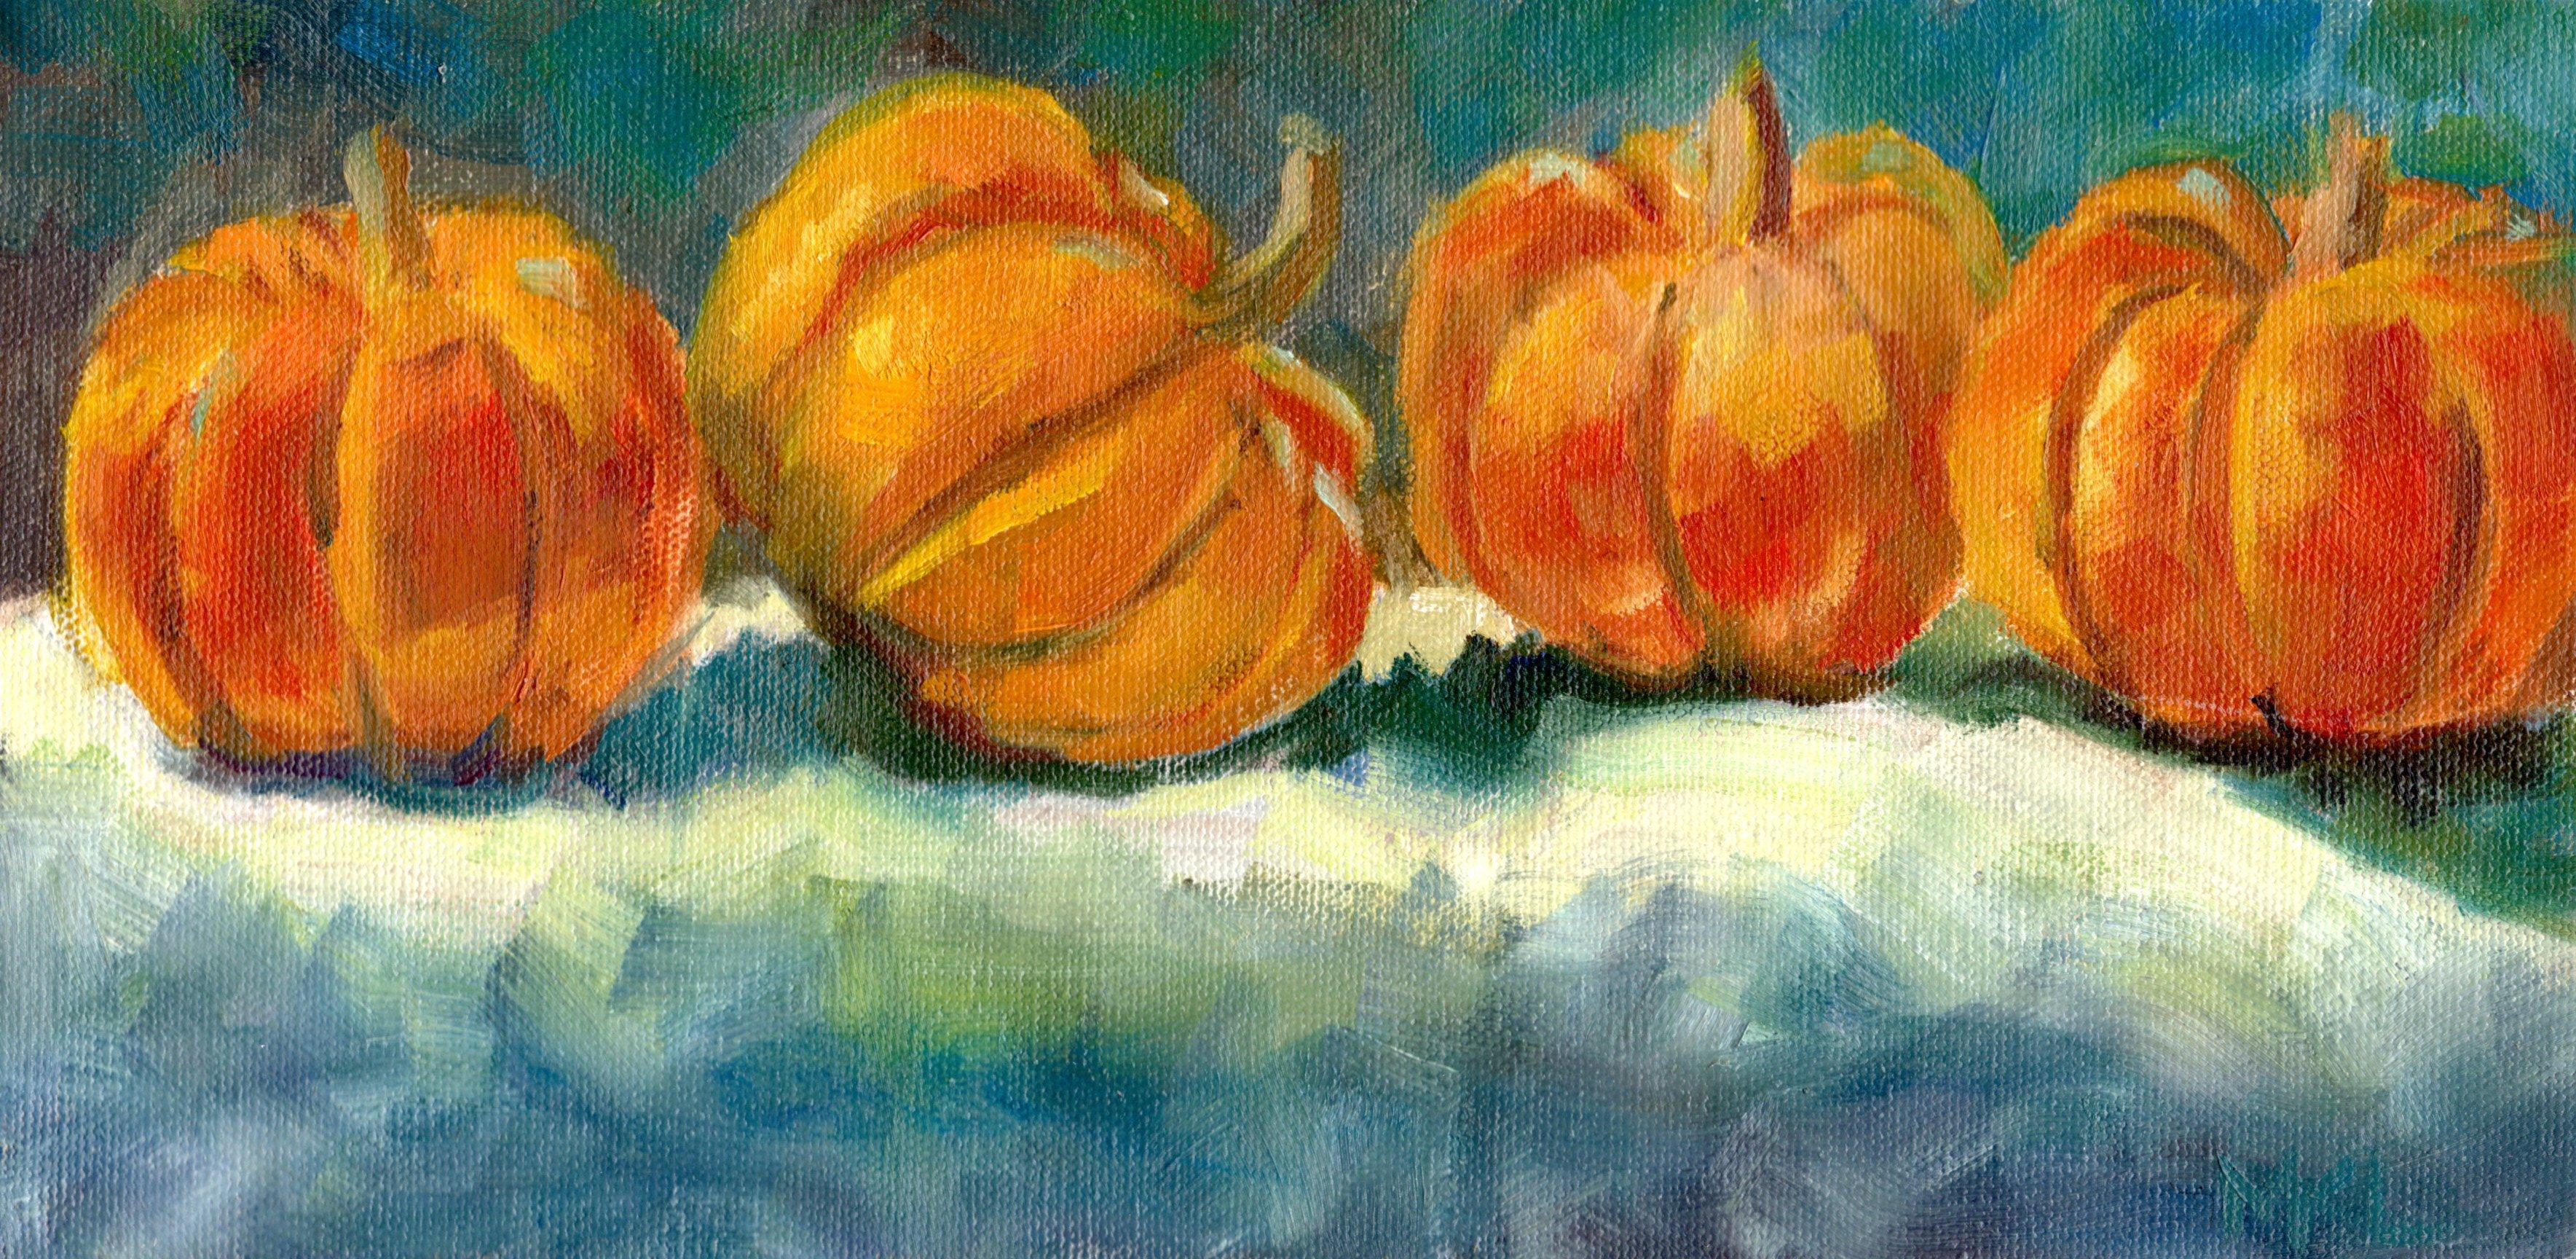 Four Pumpkins in a Row